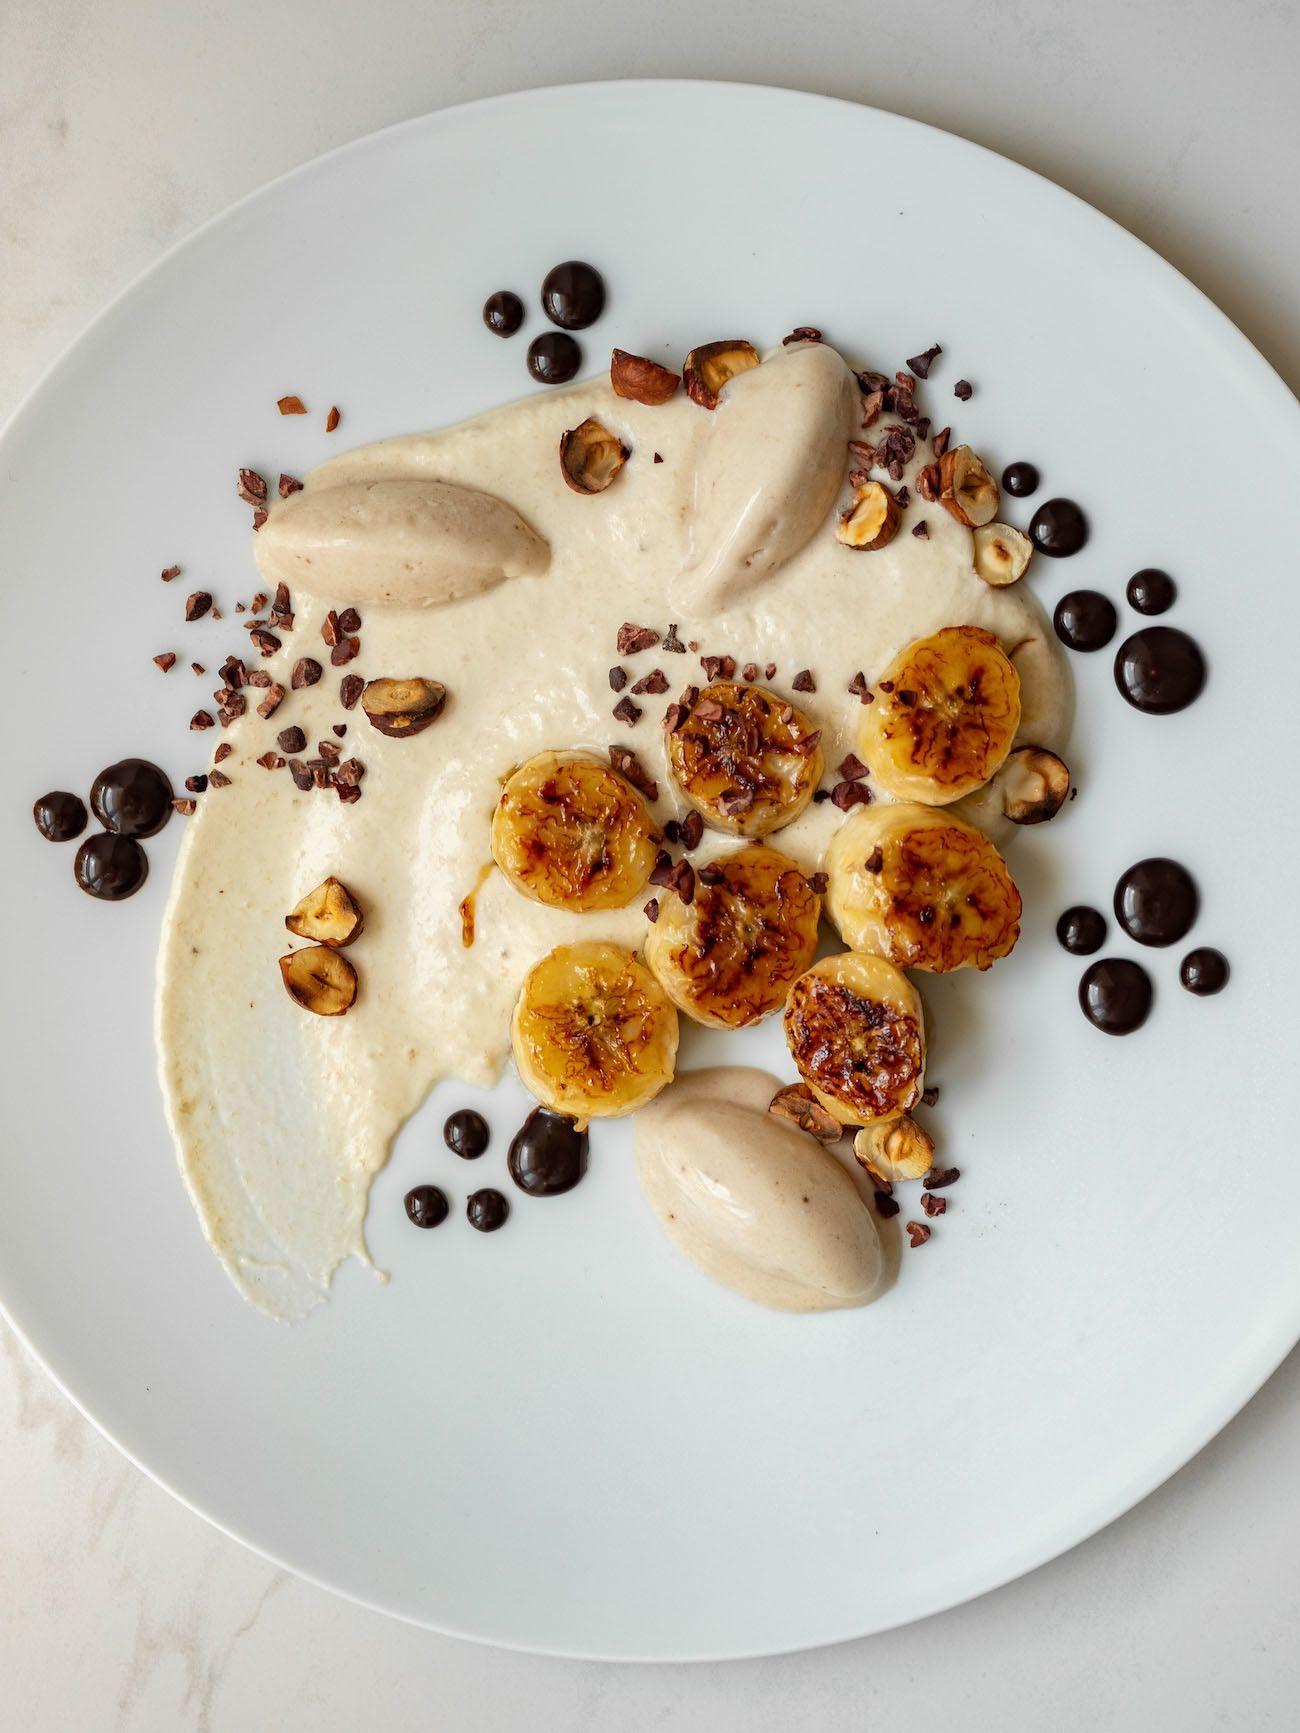 Foodblog, About Fuel, Rezept, Rum Bananen Dessert mit Hasenüssen und Schokoladen-Karamell, Teller, Rosenthal